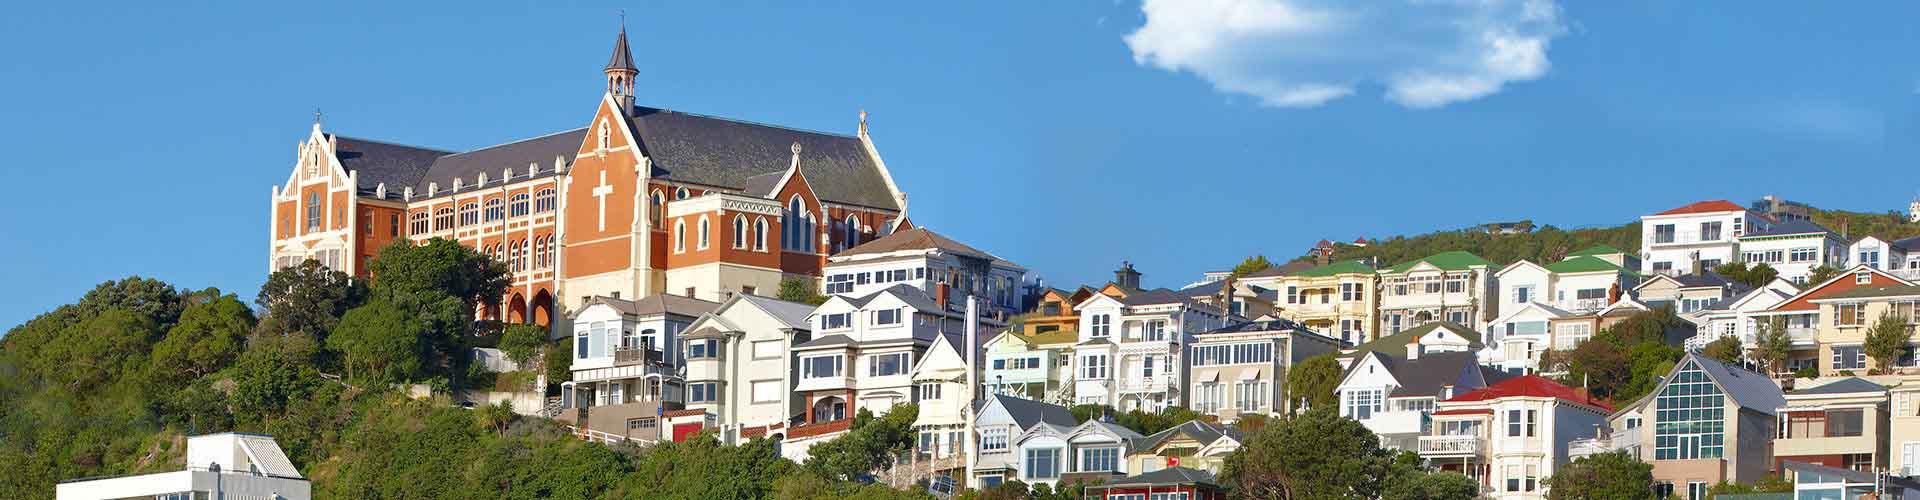 Wellington - Habitaciones en Wellington. Mapas de Wellington, Fotos y comentarios de cada Habitación en Wellington.